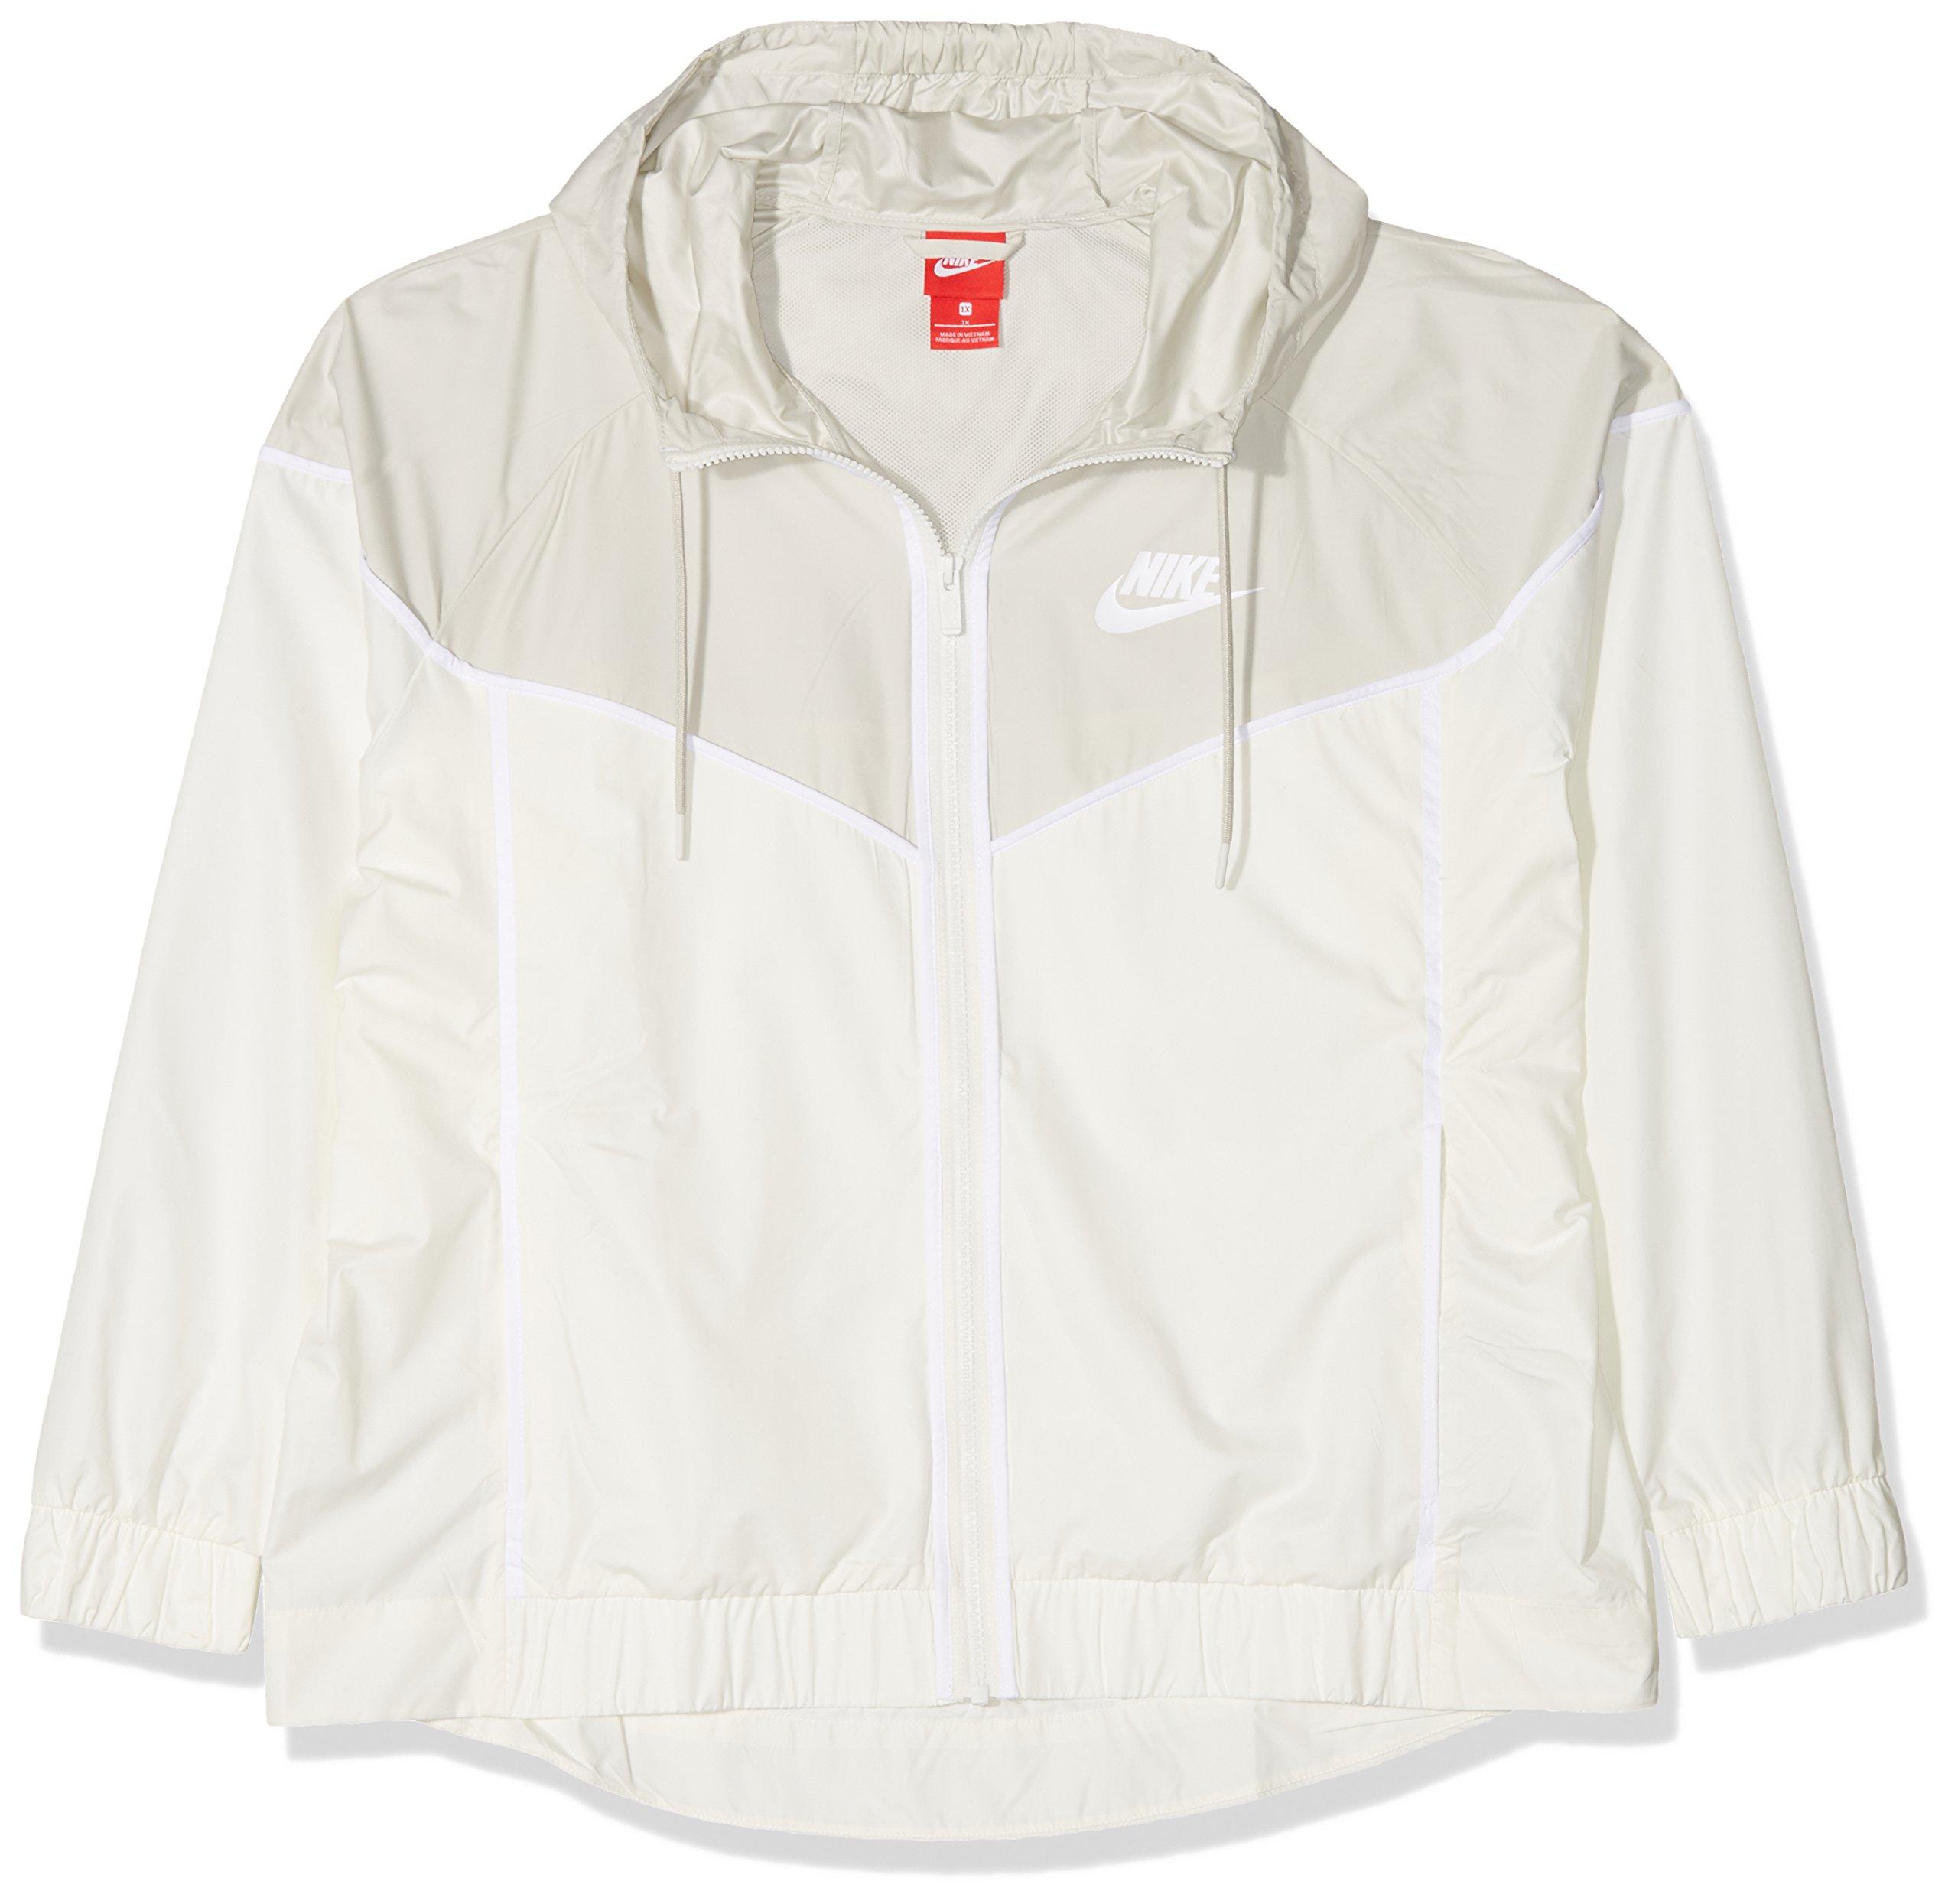 Nike Women's Plus Size Sportswear Windrunner Jacket by Nike (Image #1)